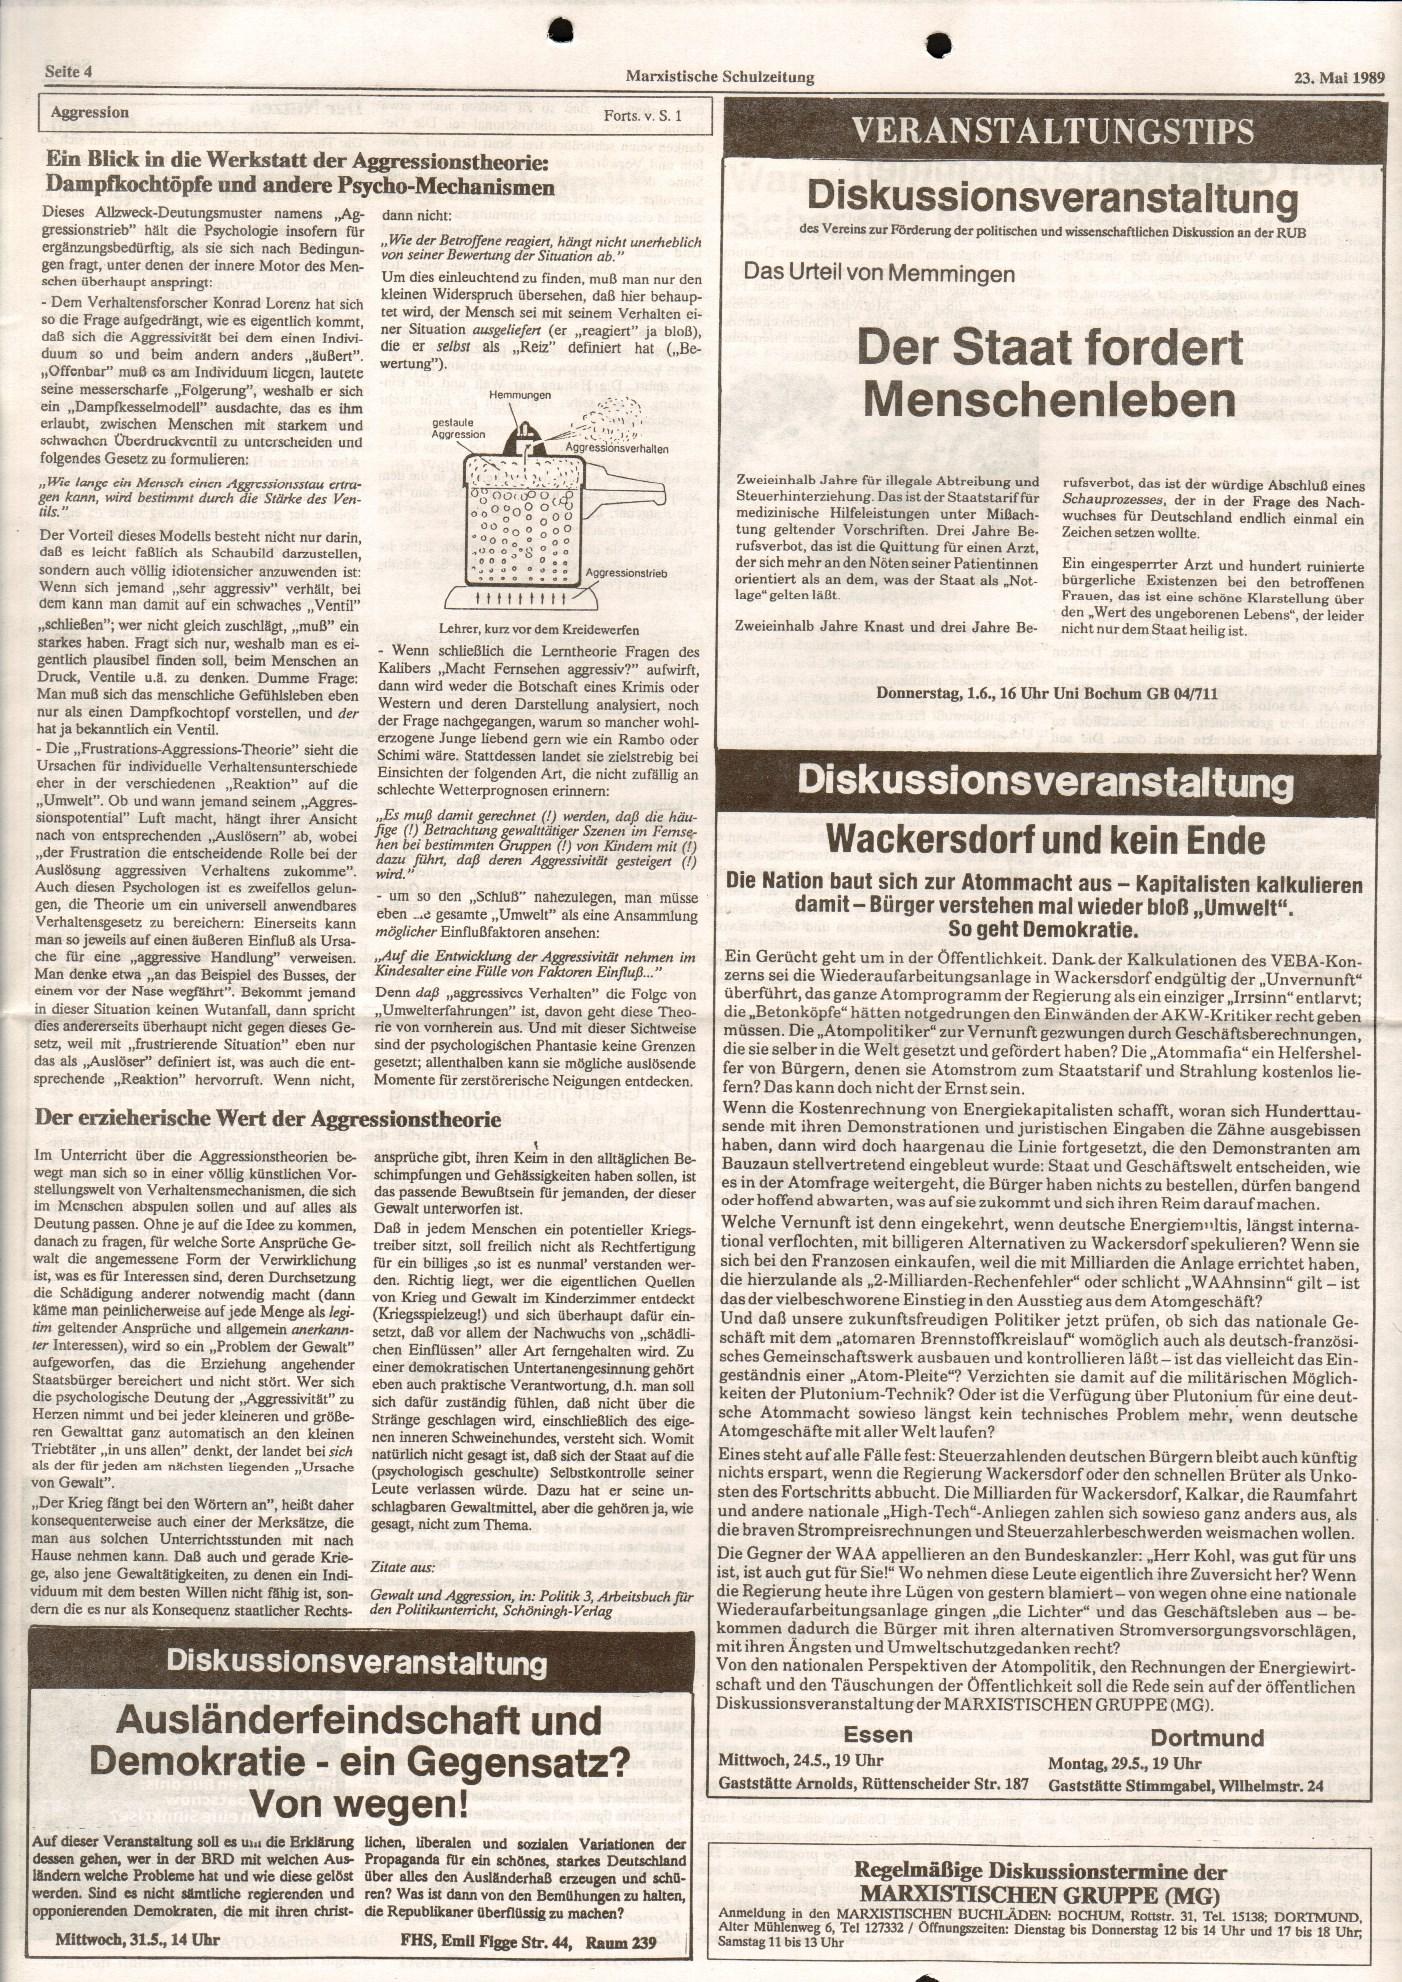 Ruhrgebiet_MG_Marxistische_Schulzeitung_19890523_04